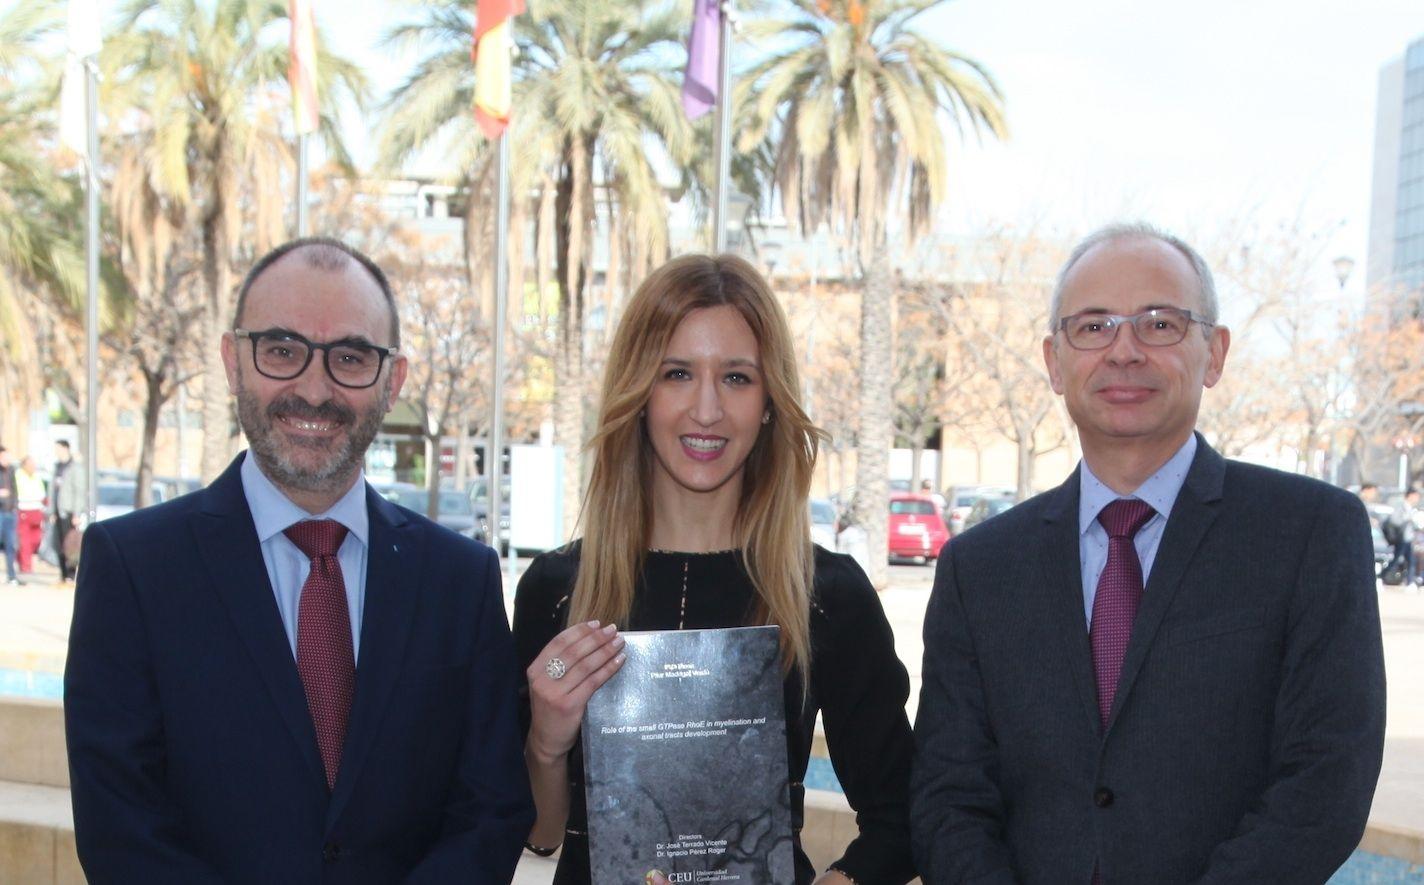 Los investigadores de la CEU UCH Ignacio Pérez, Pilar Madrigal y José Terrado, coautores junto a Begoña Ballester de la investigación en colaboración con la Universidad de Yale.